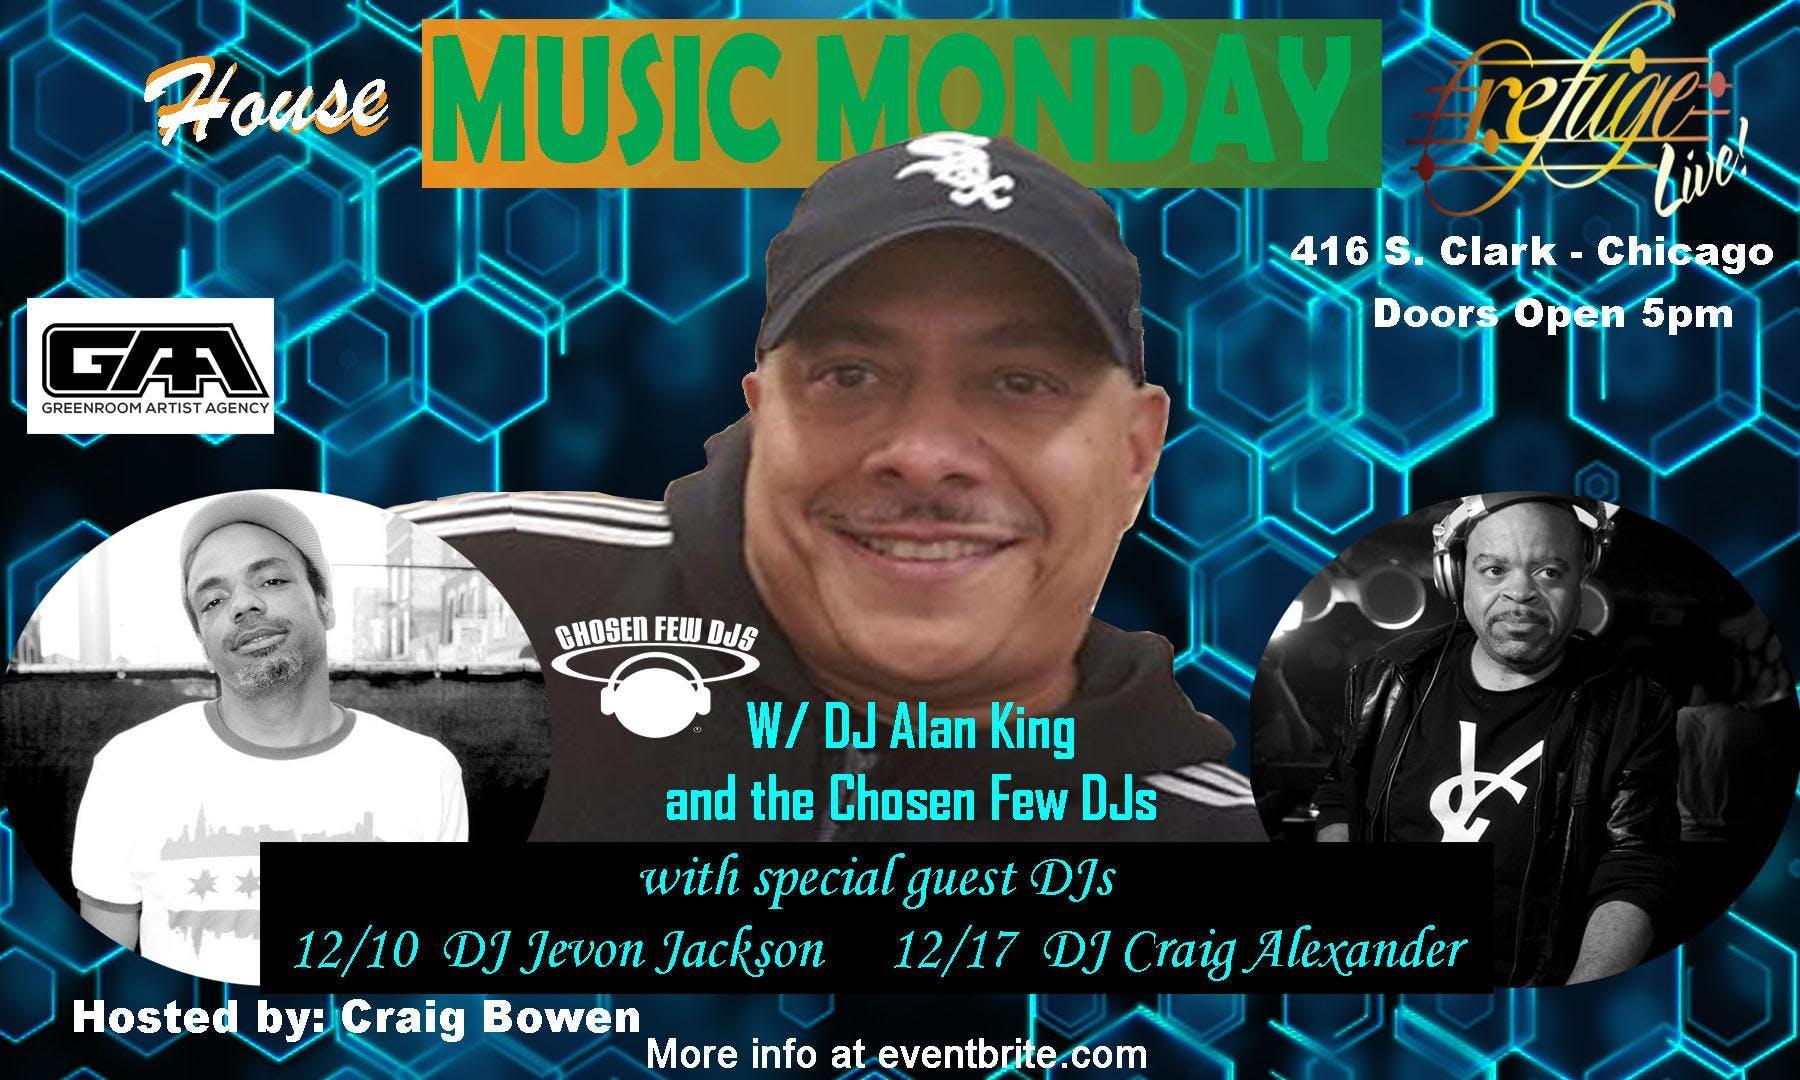 House Music Monday Dec 10